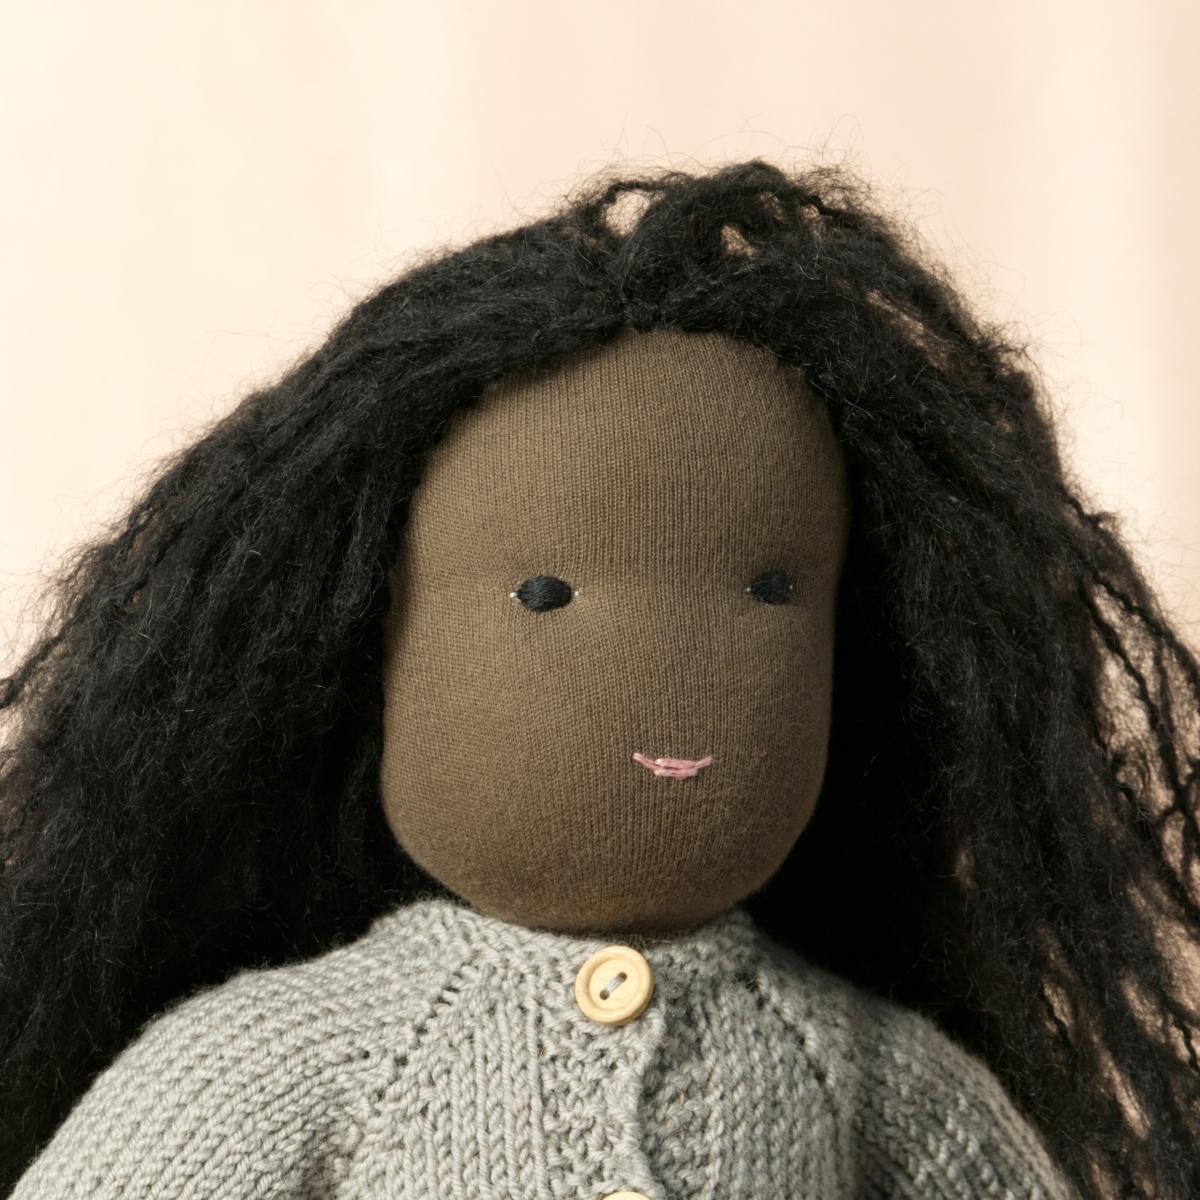 Puppe mit dunklem Hautton nach Waldorf-Art, offene lange schwarze Haare, gekleidet in grauen Strickanzug